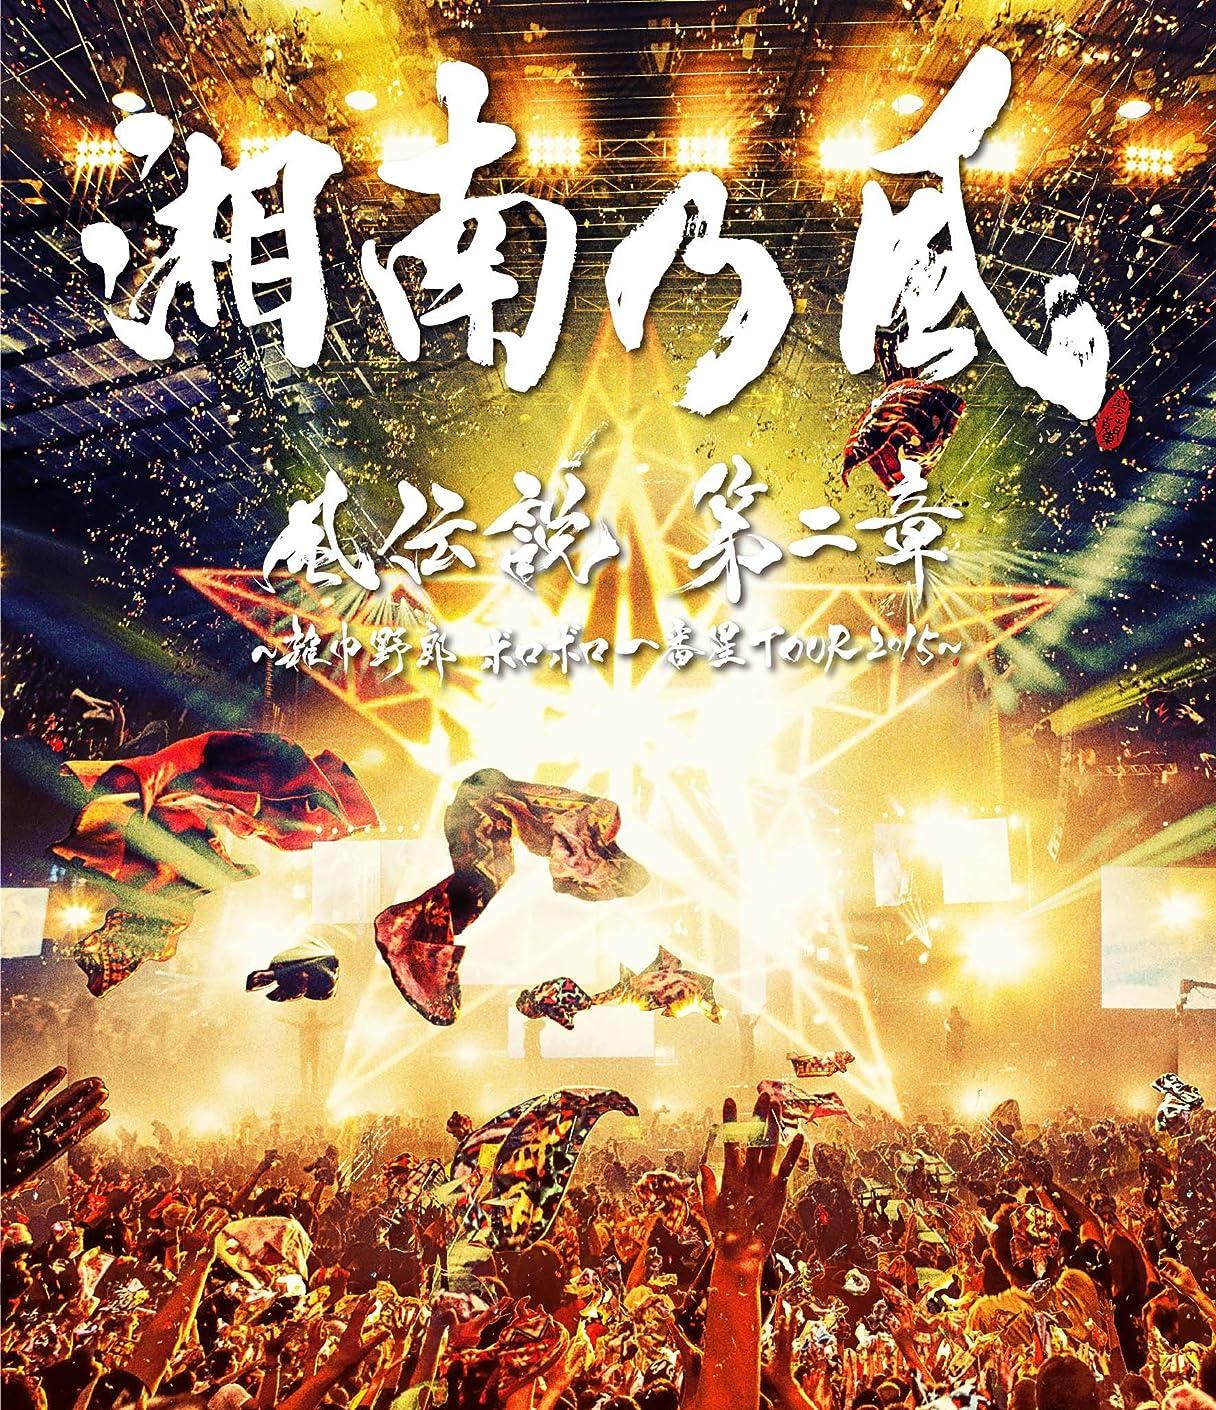 悔い改める合意取り扱い「風伝説 第二章~雑巾野郎 ボロボロ一番星TOUR2015~」(初回生産限定盤)(CD付) [Blu-ray]